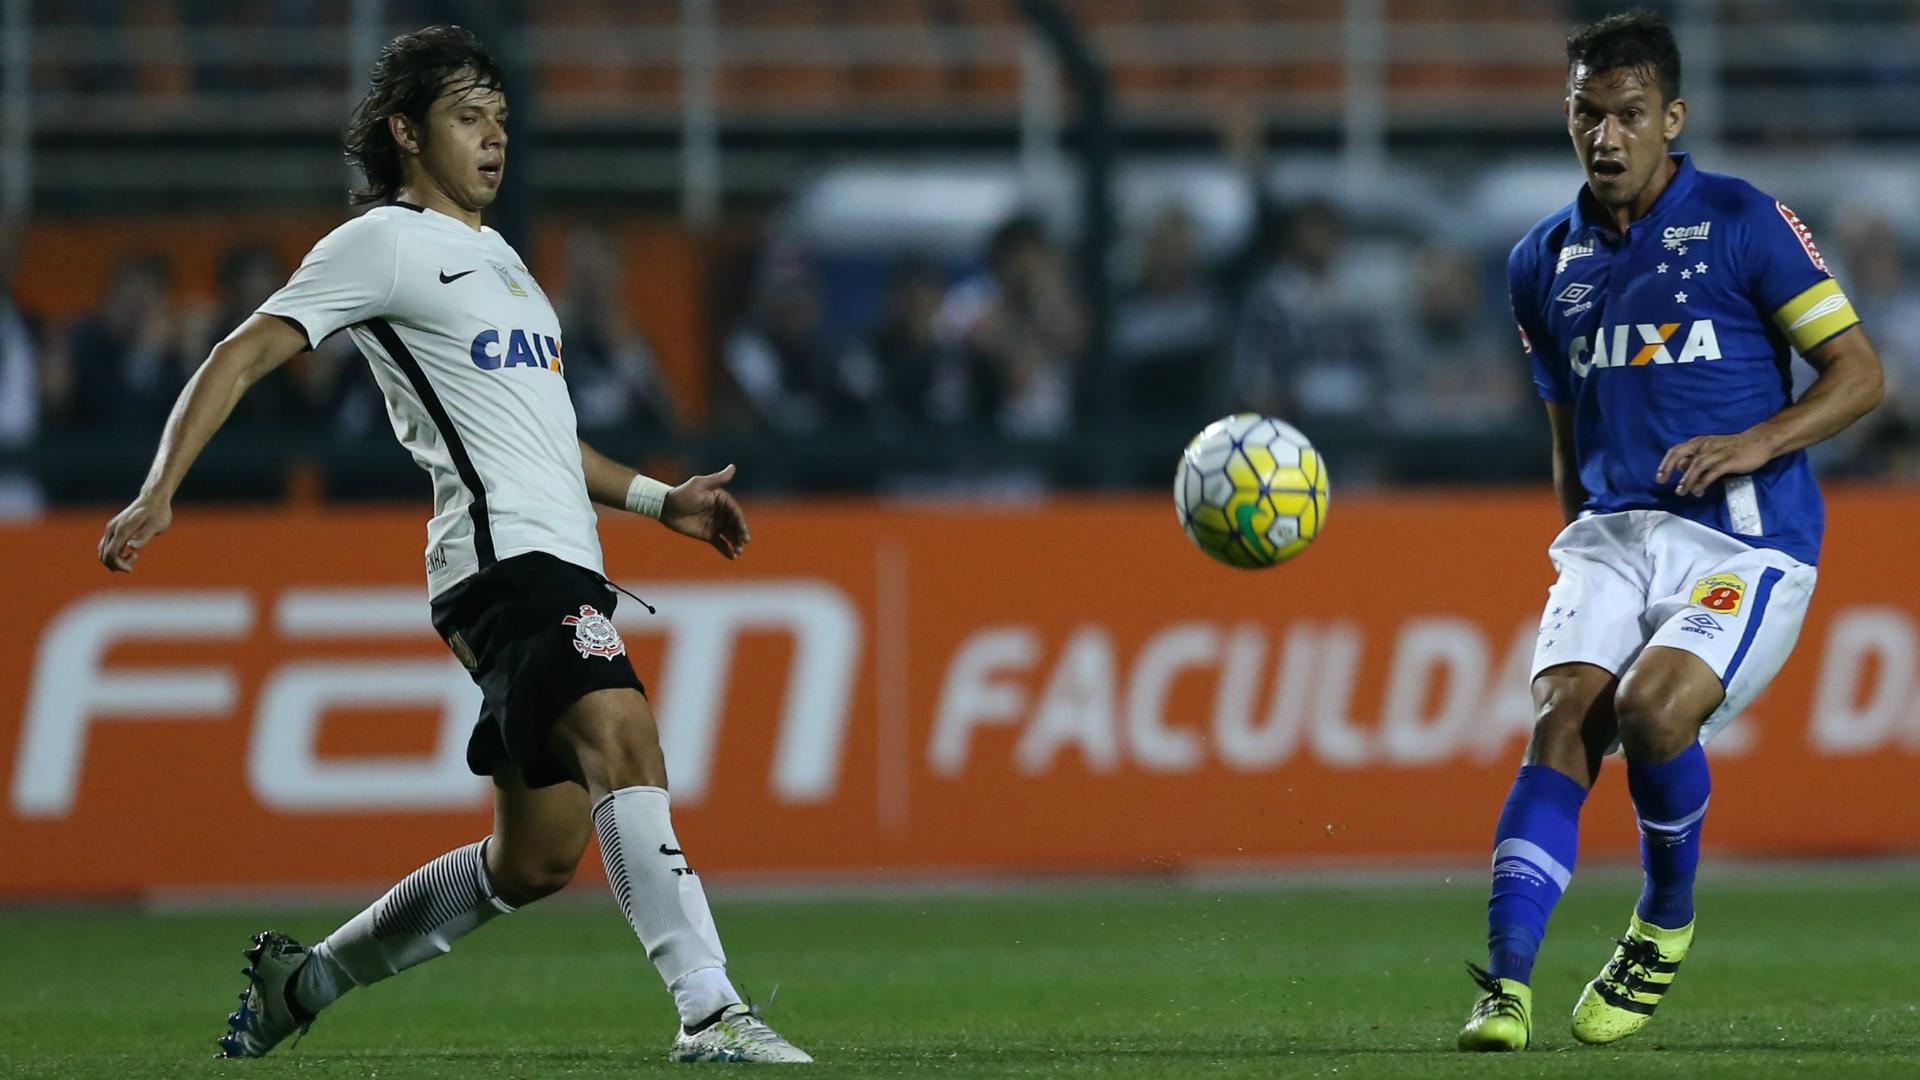 Copa do Brasil terá Corinthians x Cruzeiro e outros jogos nas 4ªs